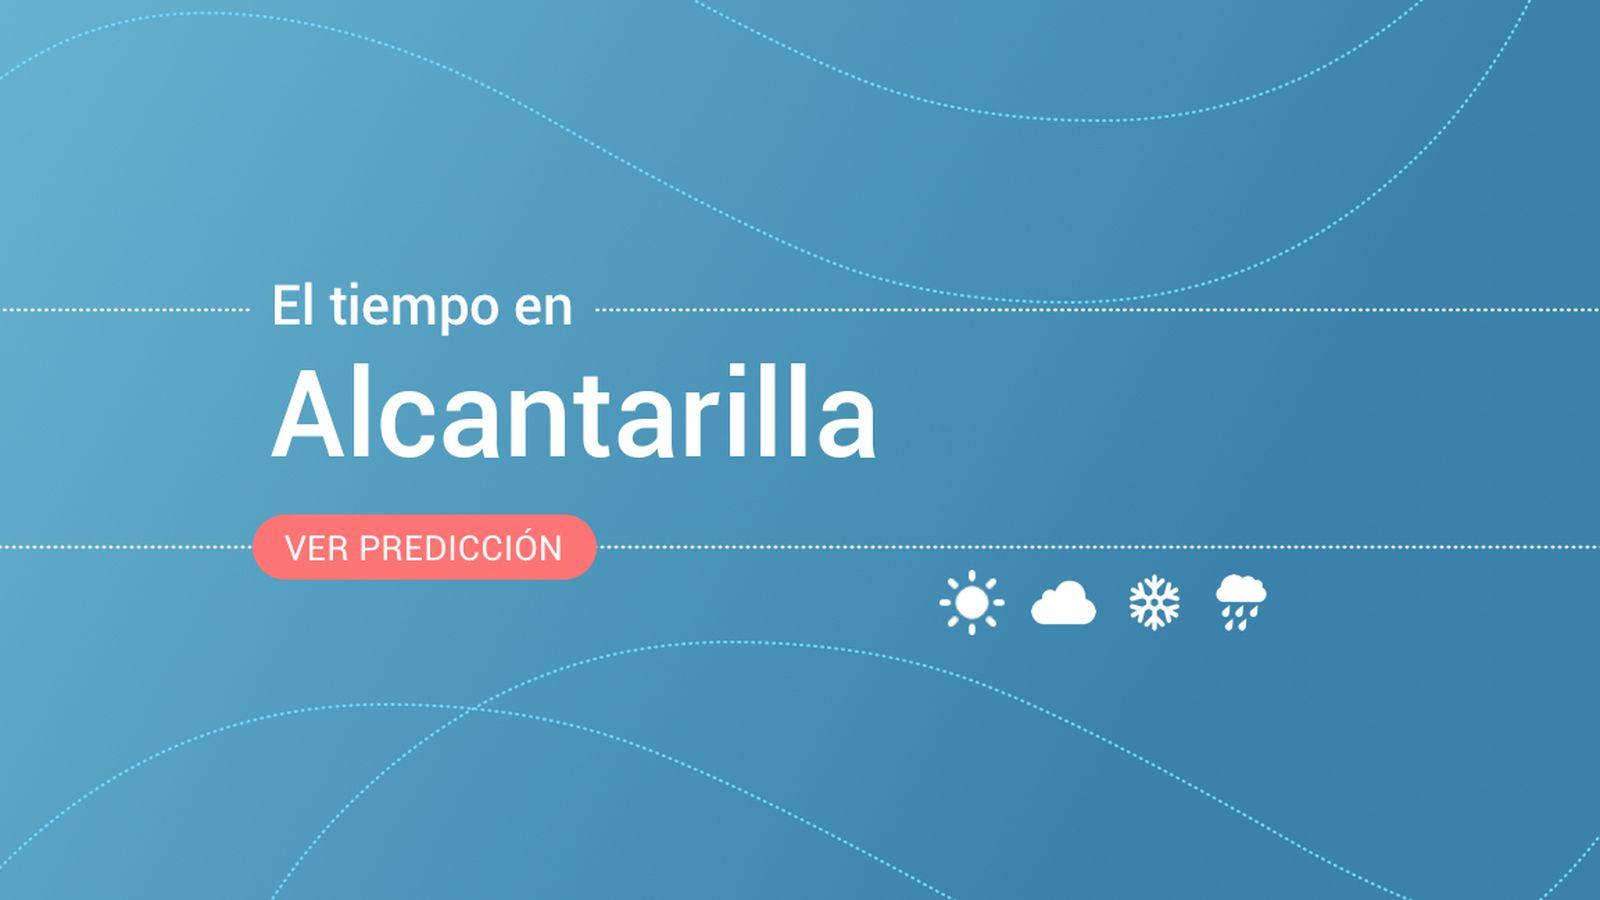 Foto: El tiempo en Alcantarilla. (EC)